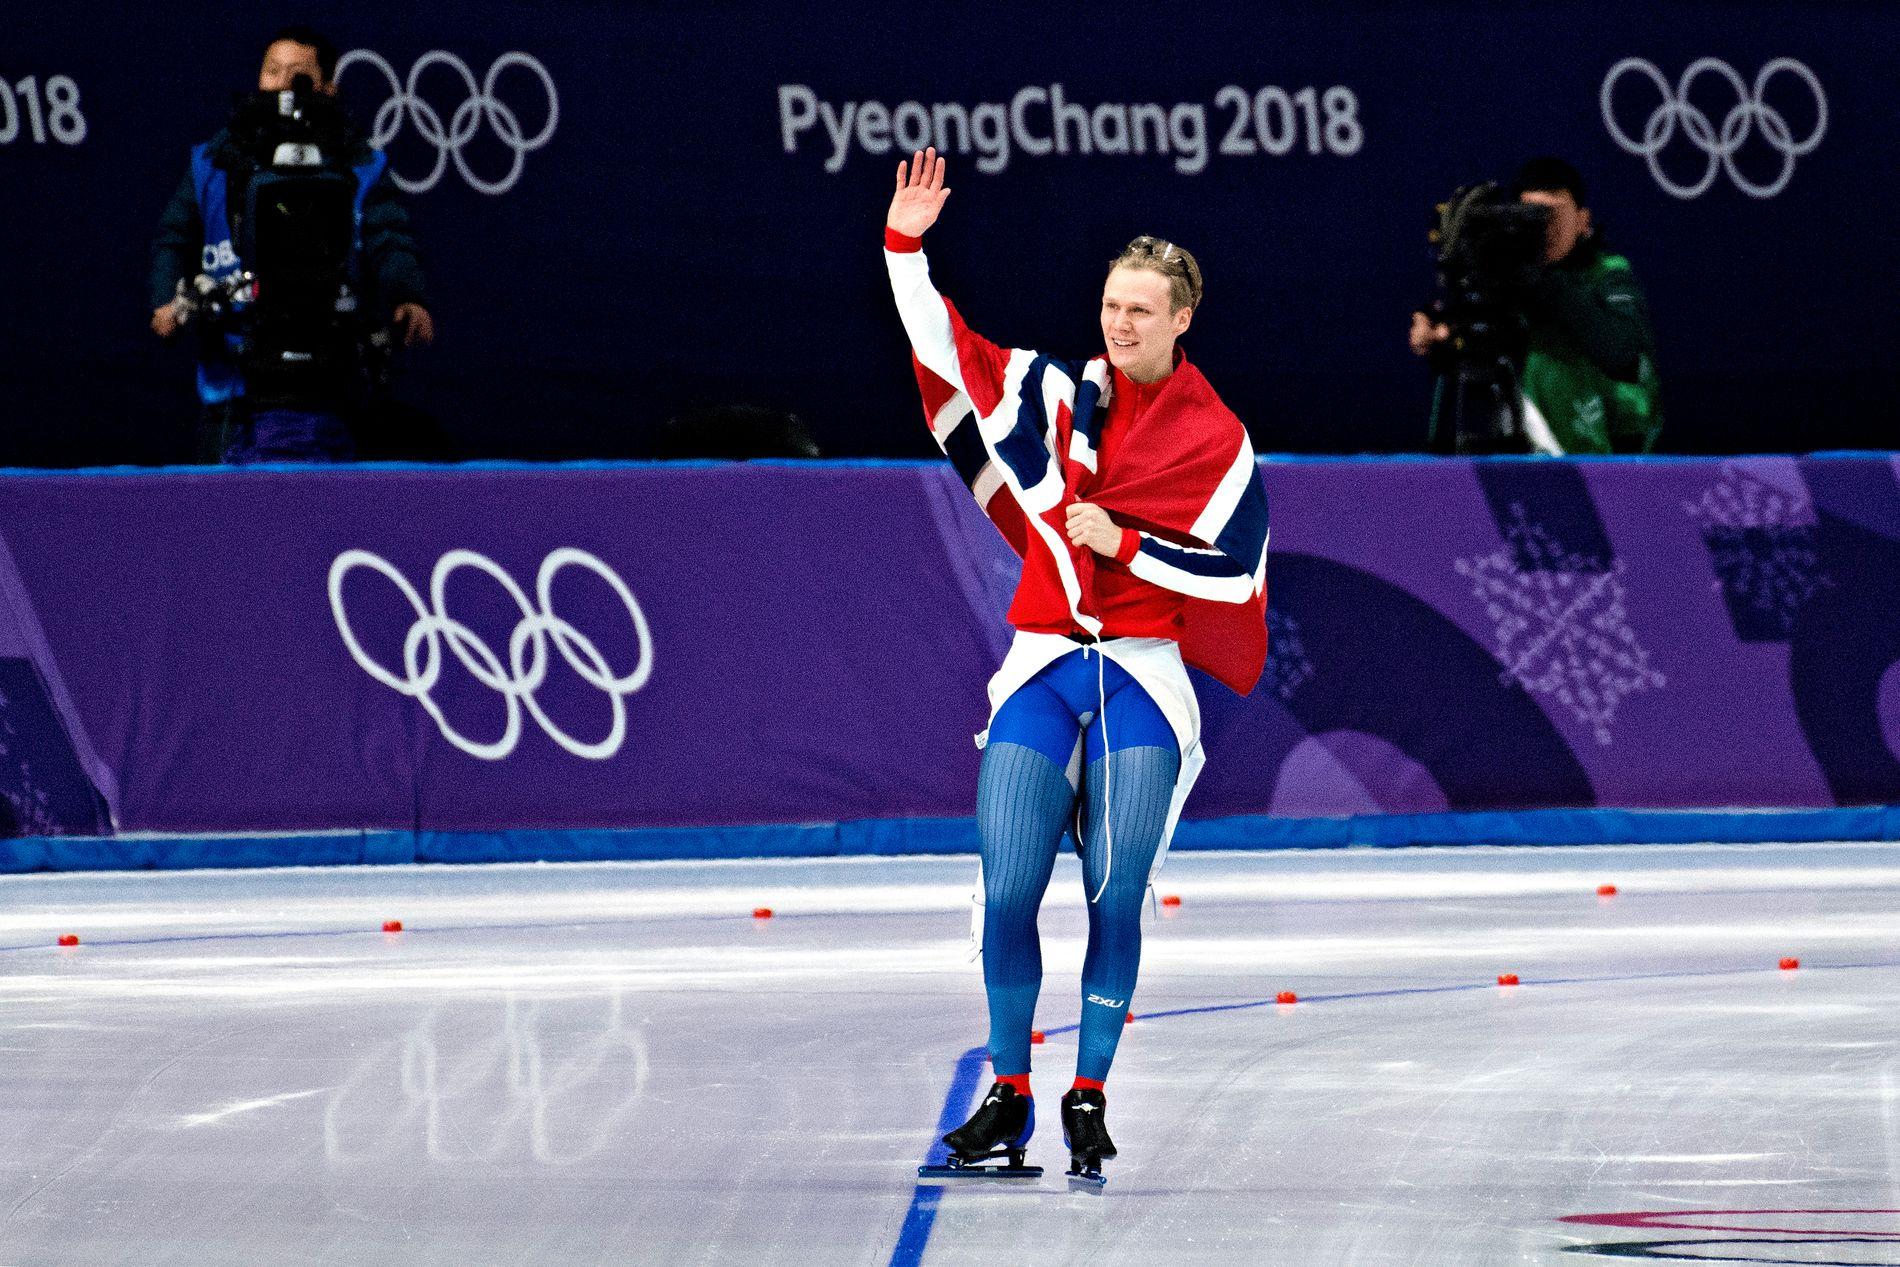 VINTERSPORTSNASJON: Håvard Holmefjord Lorentzen fra Bergen tok gull på 500 meter skøyter i årets OL i Pyeongchang. Som en av verdens ledende vintersportsnasjoner, er det ikke urimelig at Norge tar sin del av arrangørbyrden, men det er ingen grunn til å forhaste seg, skriver BT på lederplass.